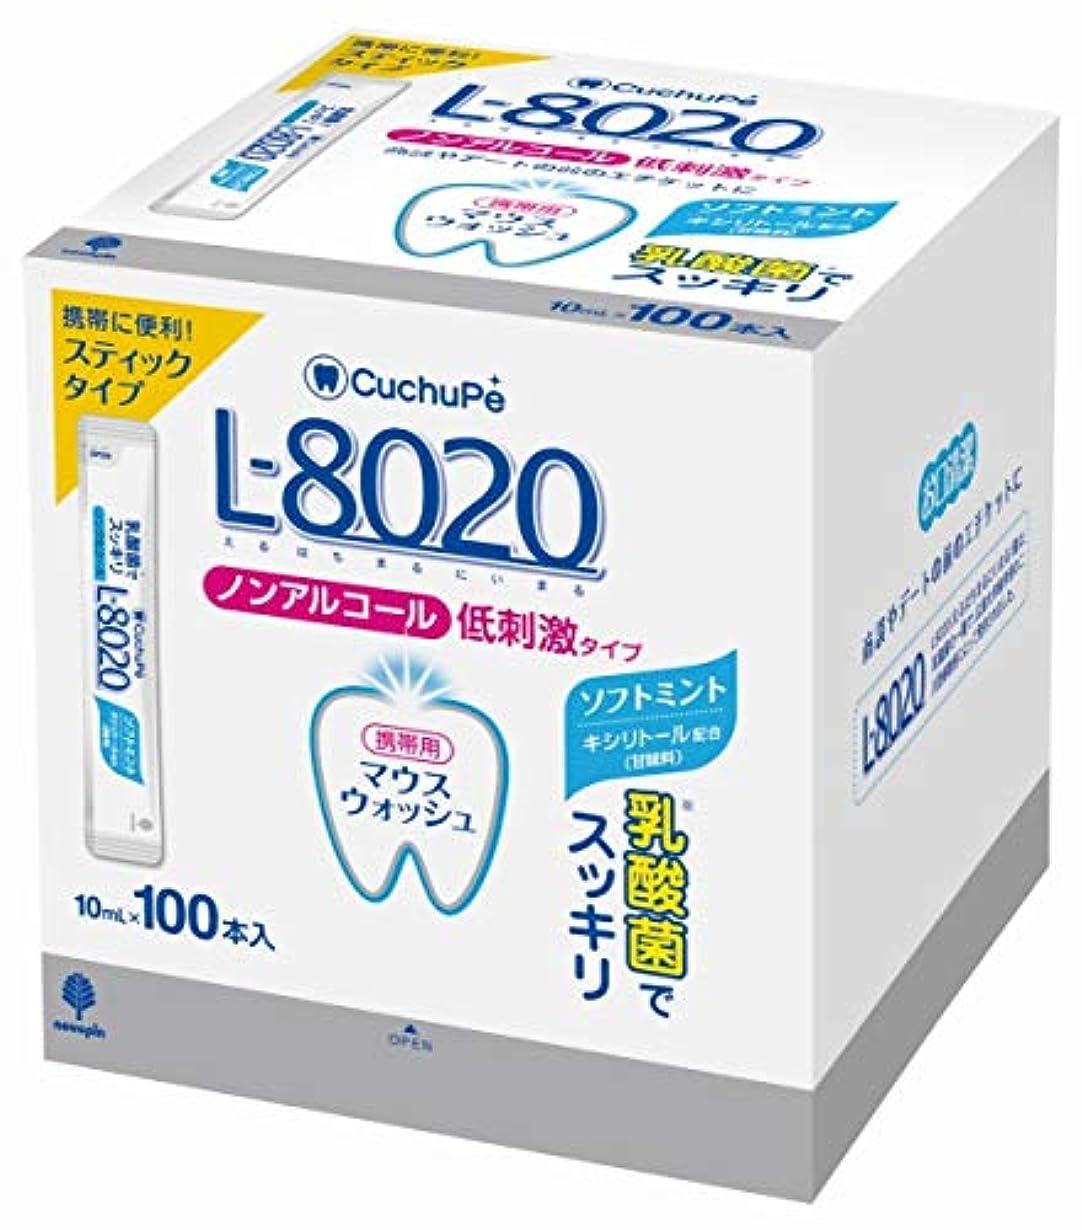 ロータリーミッションオーブン日本製 made in japan クチュッペL-8020 ソフトミント スティックタイプ100本入(ノンアルコール) K-7092【まとめ買い10個セット】